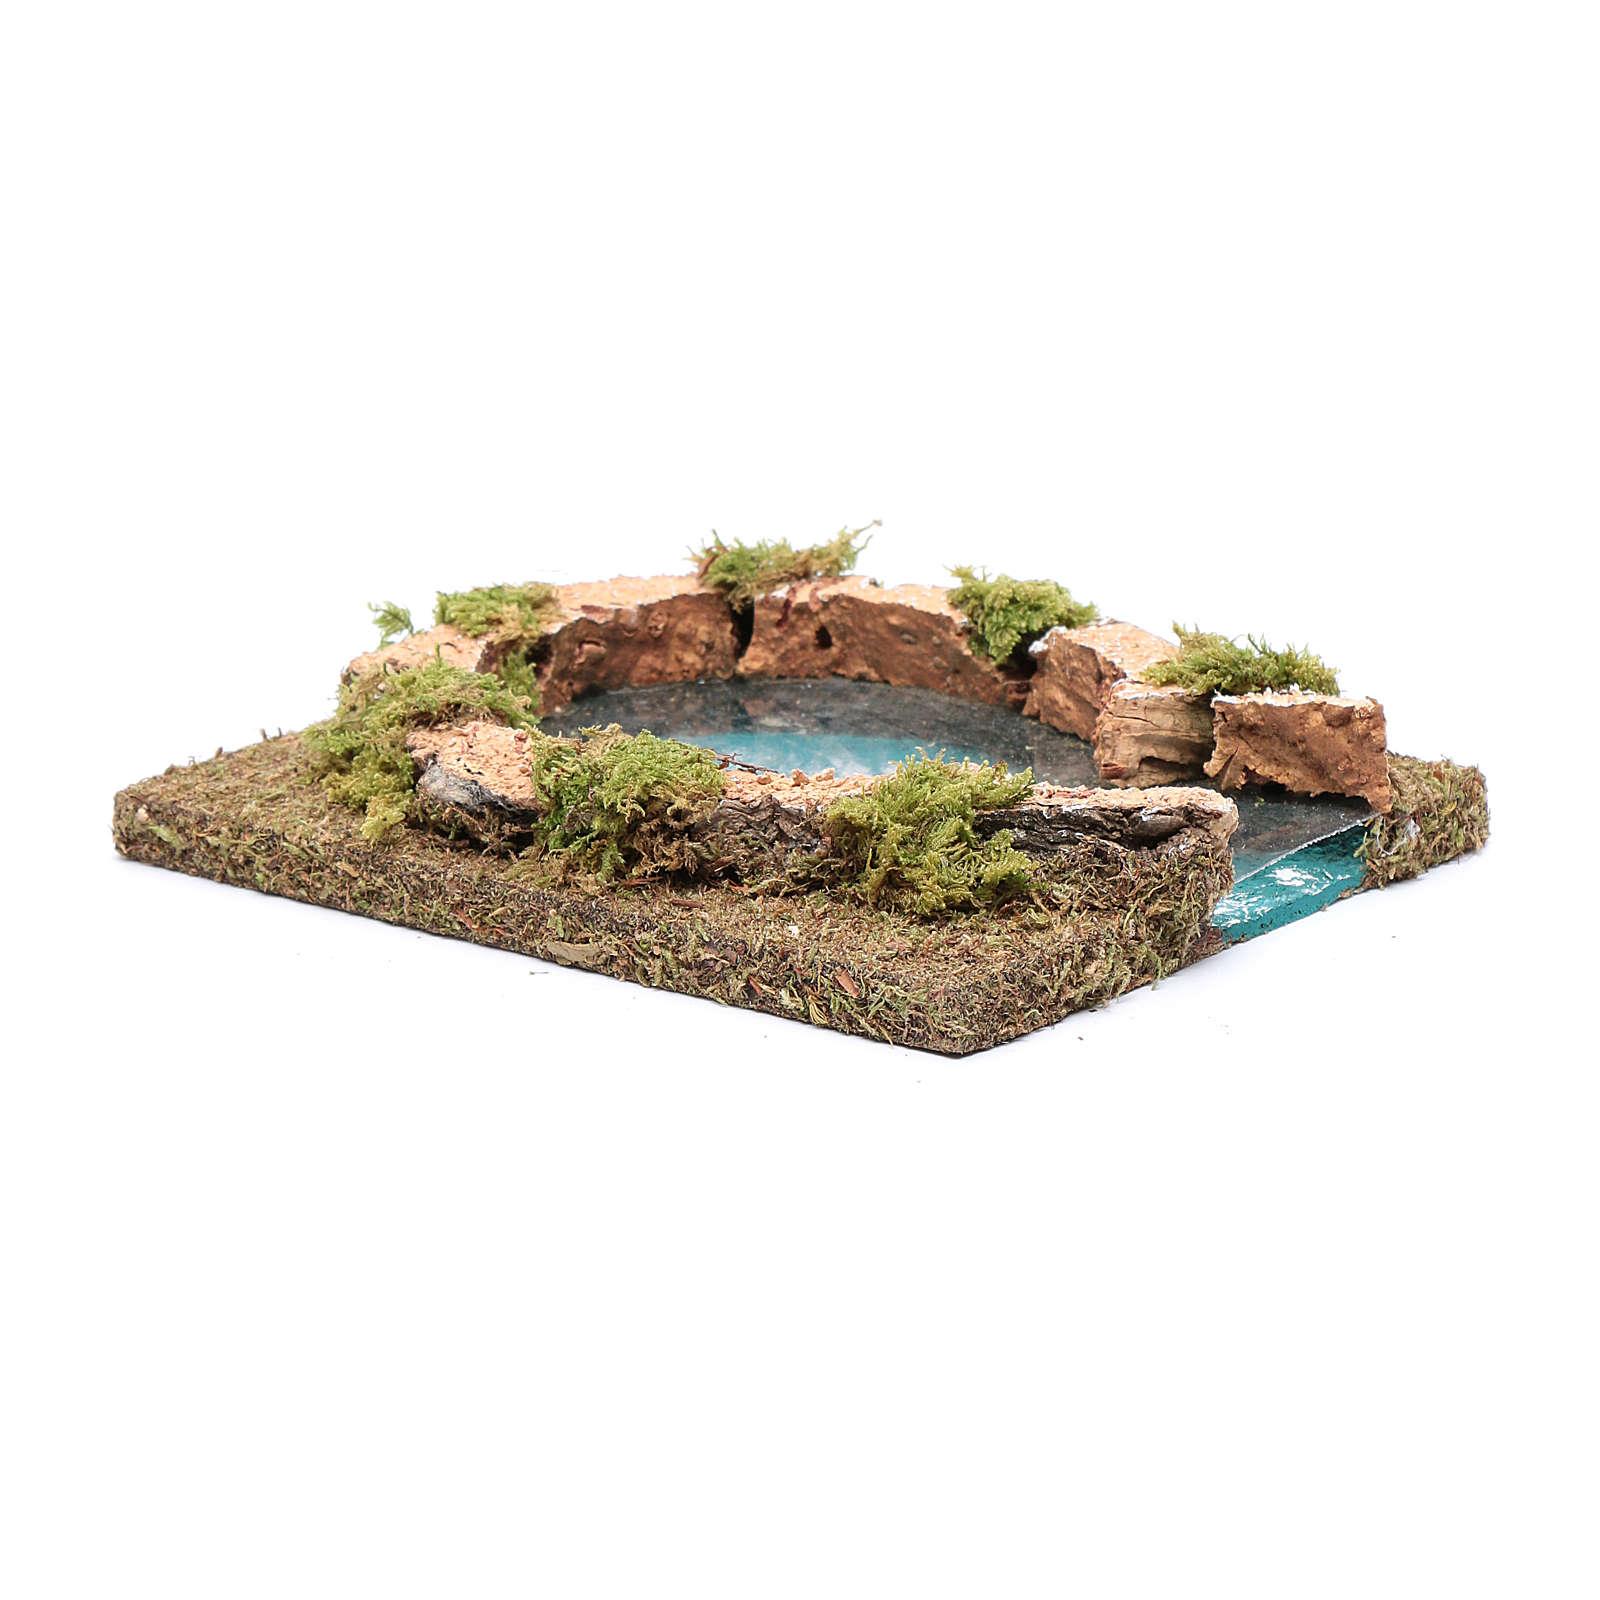 Lac avec affluent 13,5x16,5 cm 4